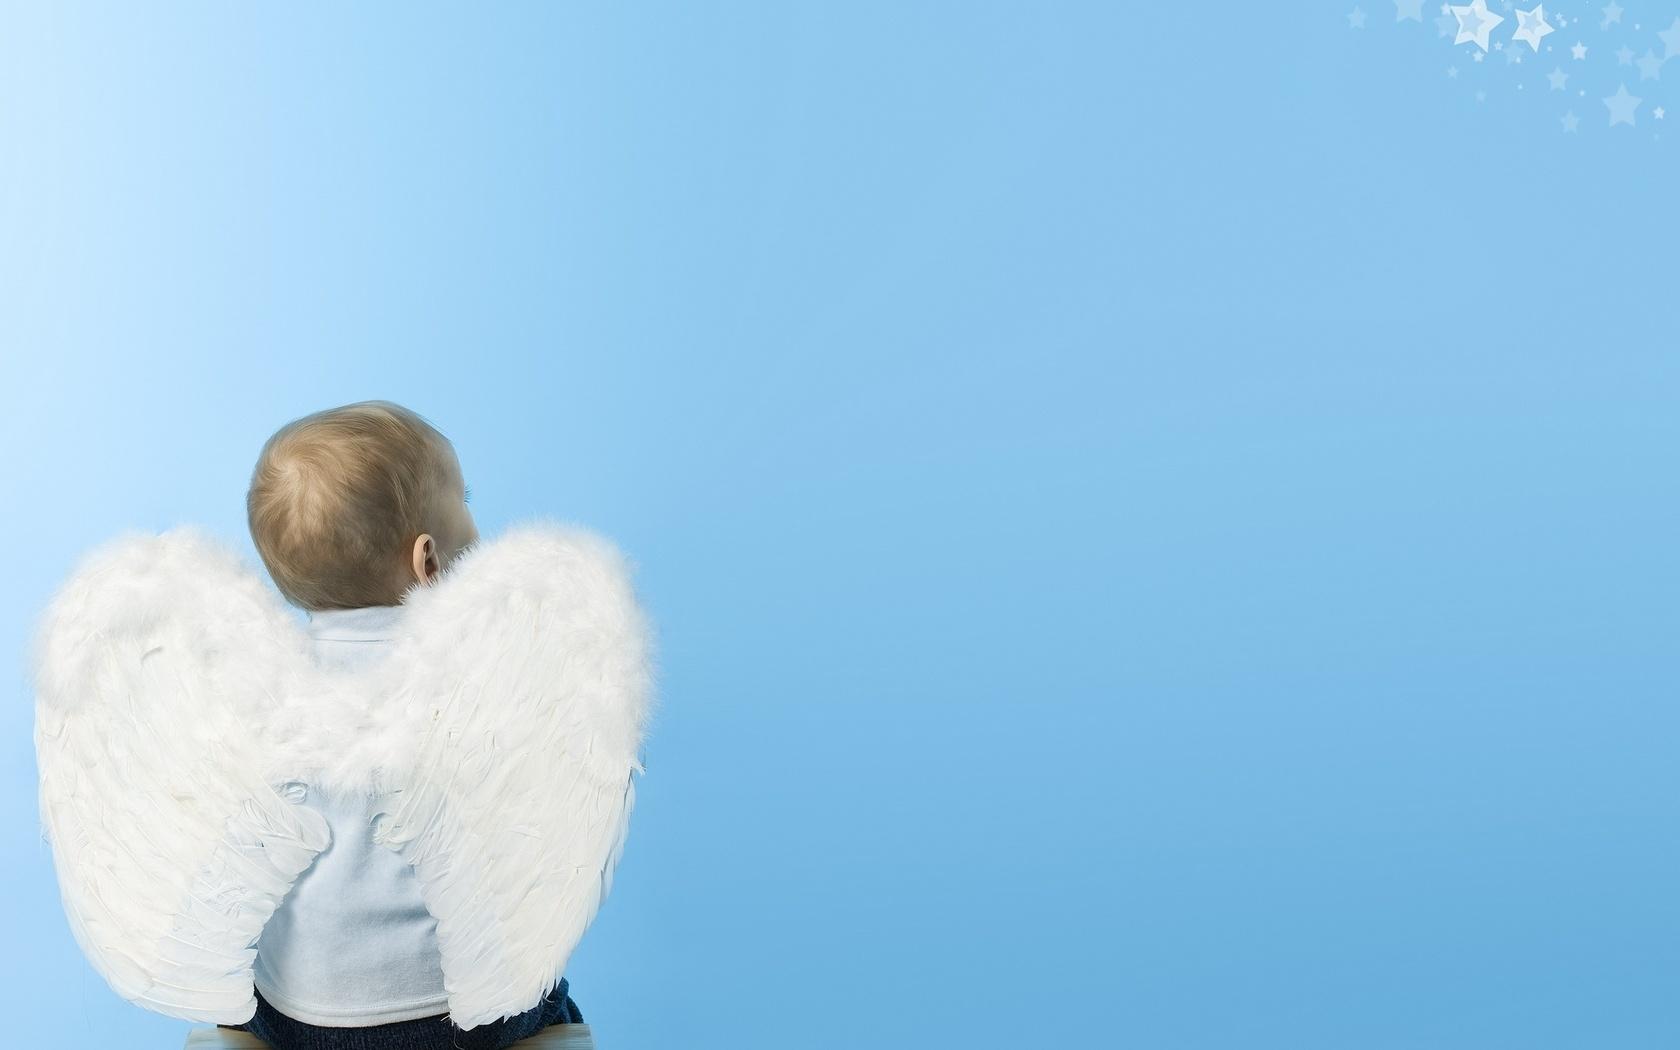 Angel Babies Wallpaper - WallpaperSafari